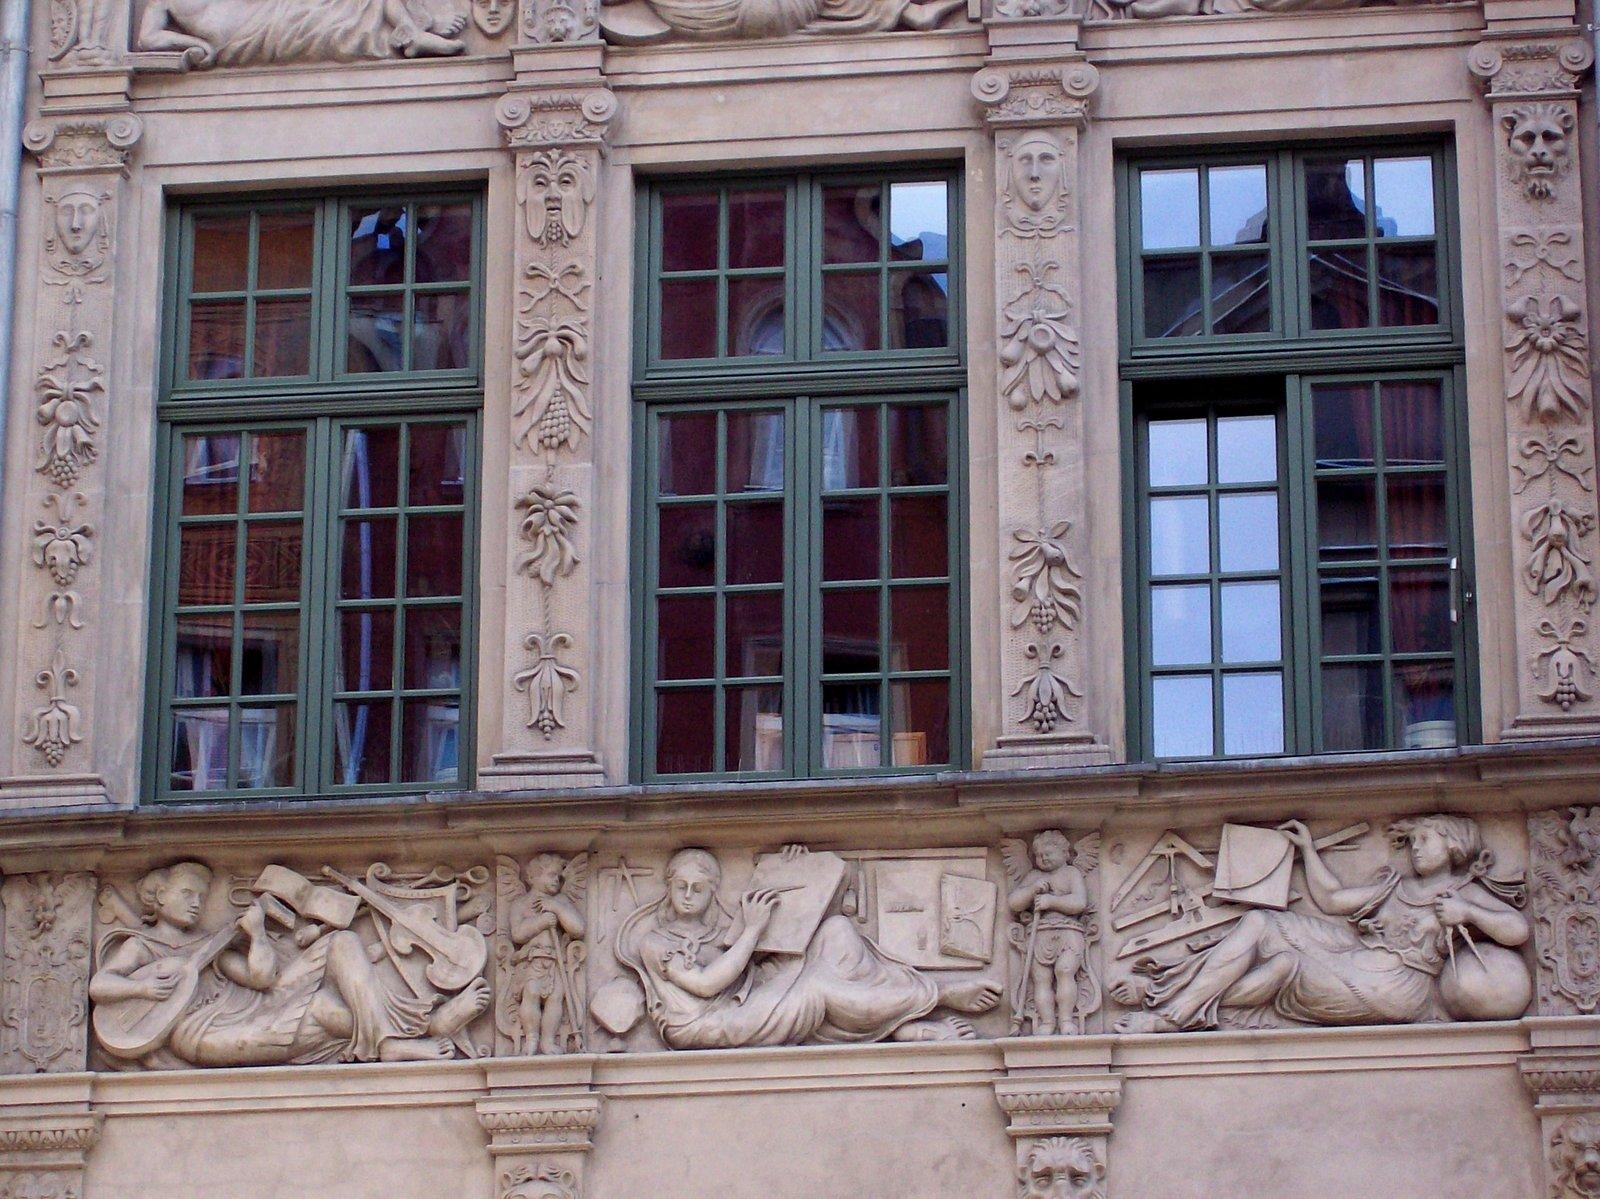 Bürgerhaus in der Langen Gasse von Danzig